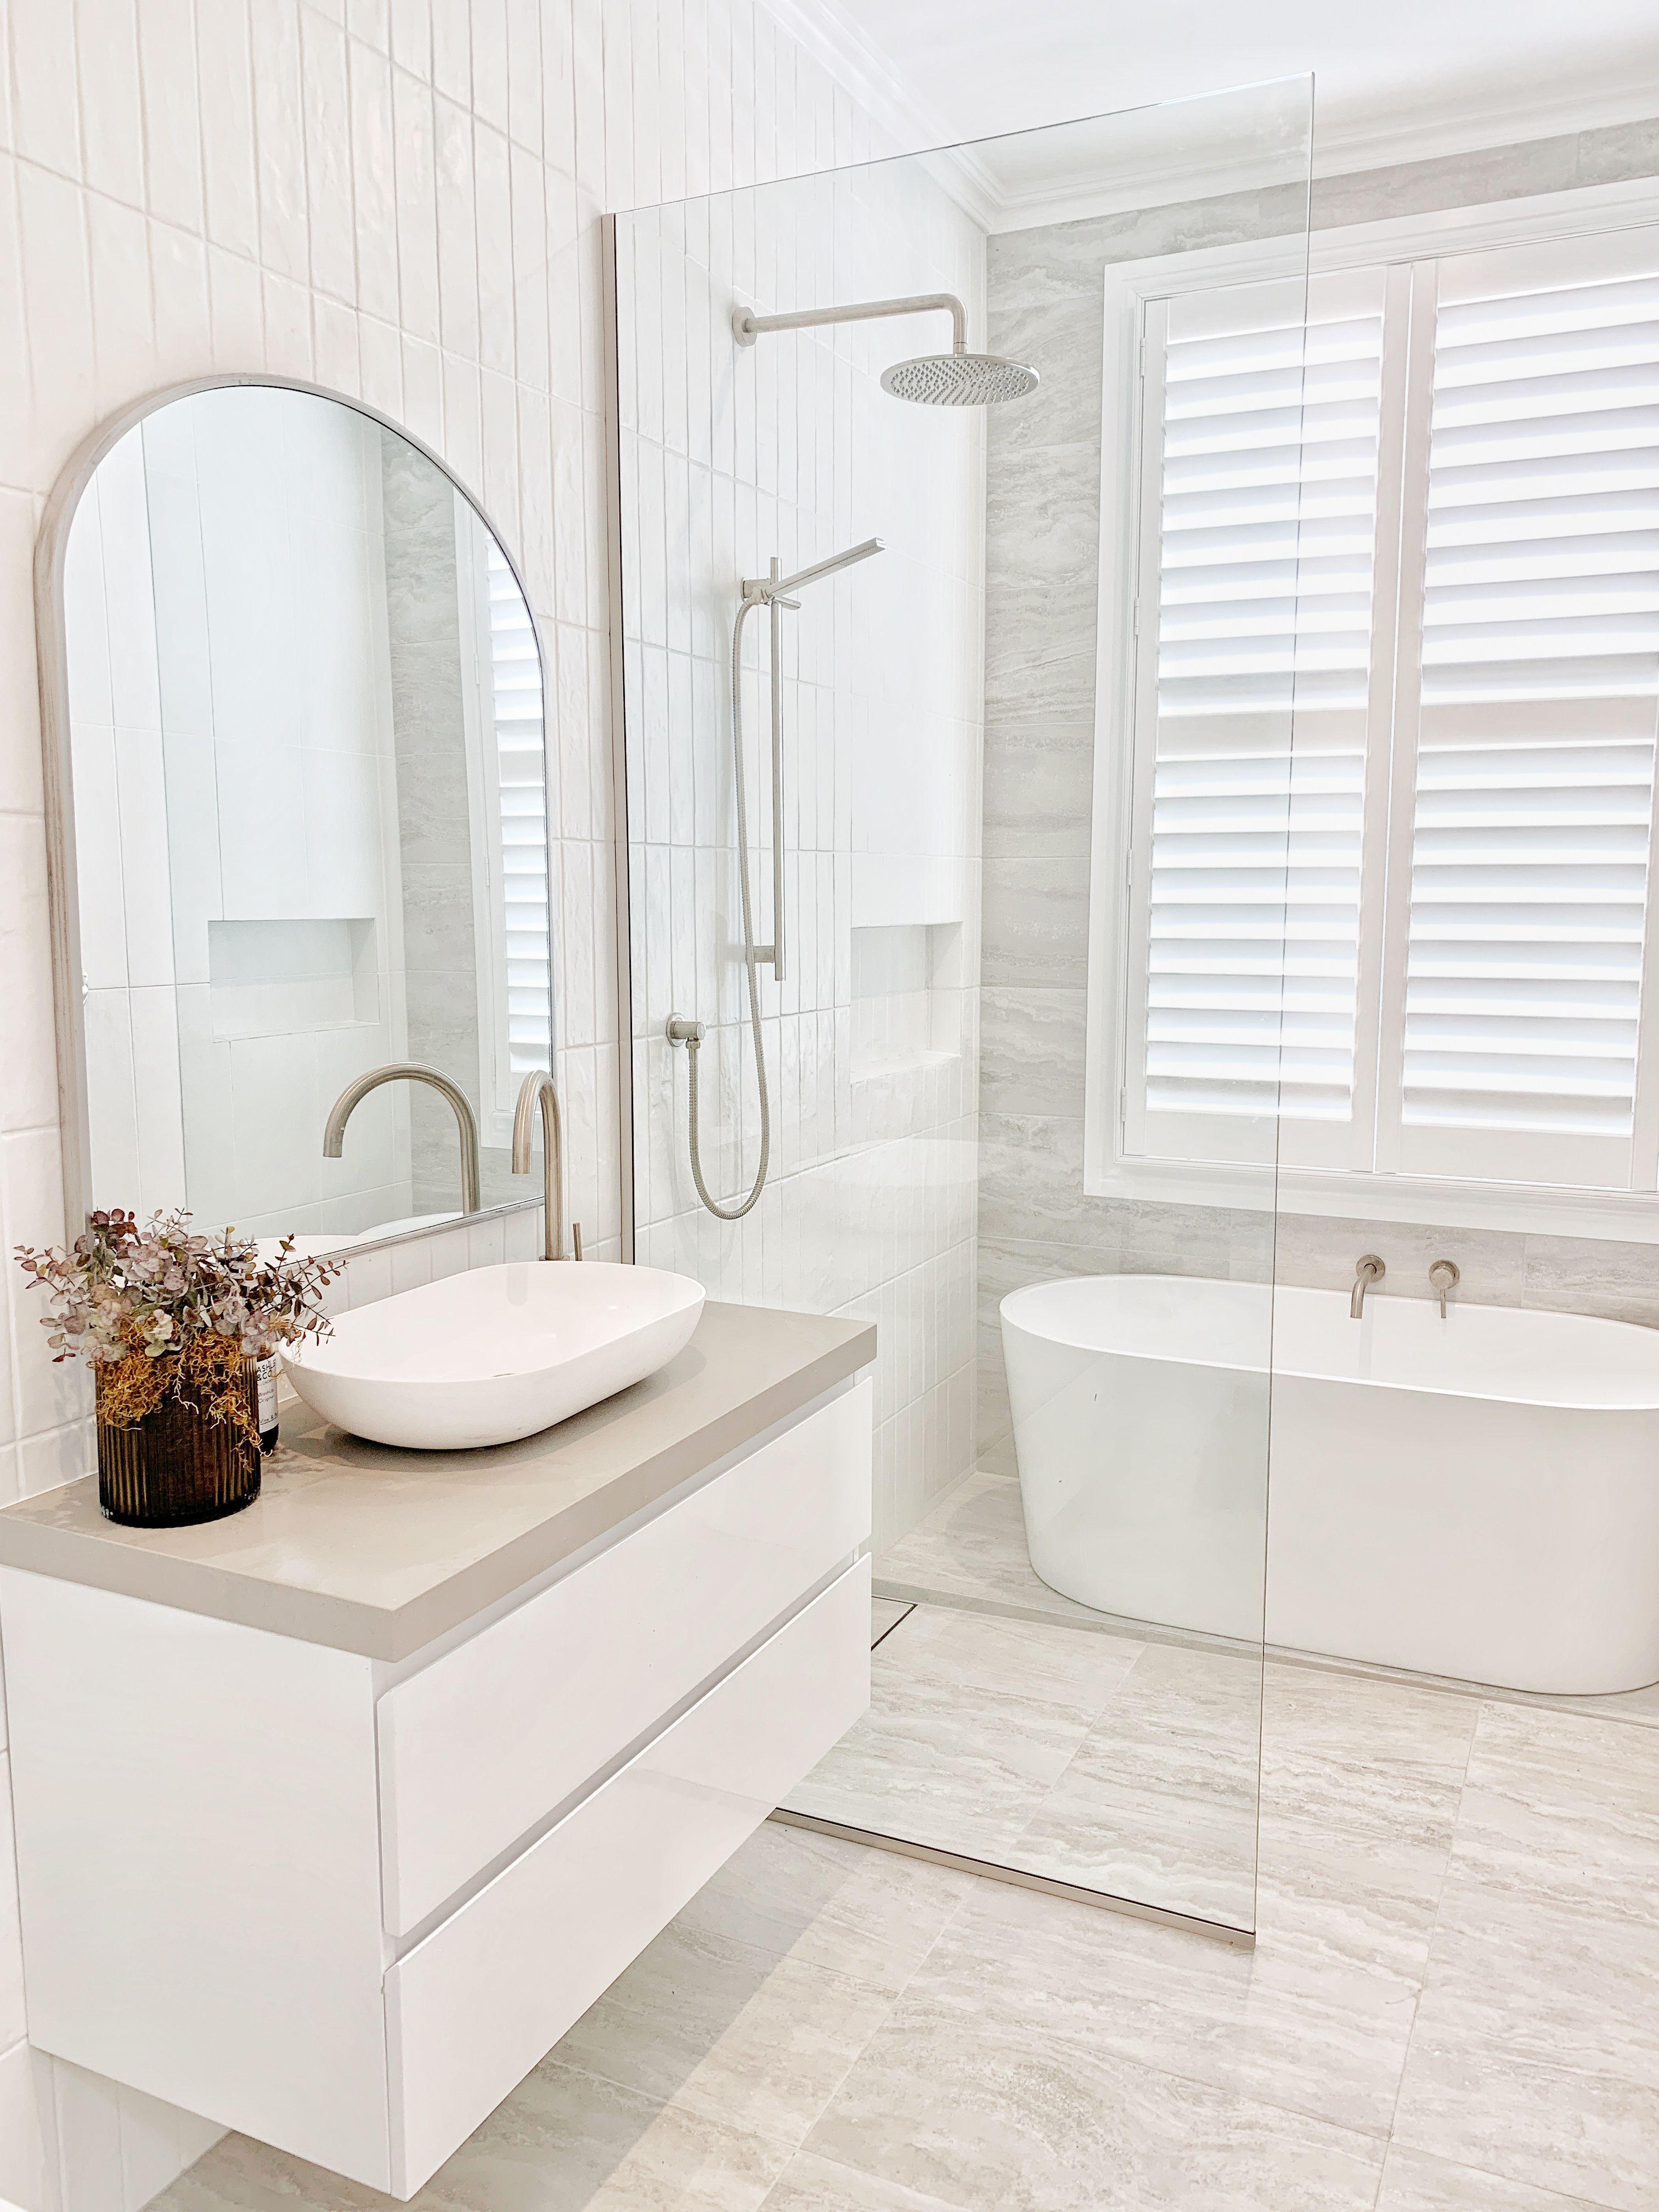 auckland reno brushed nickel bathroom in 2020 bathroom on bathroom renovation ideas nz id=57410